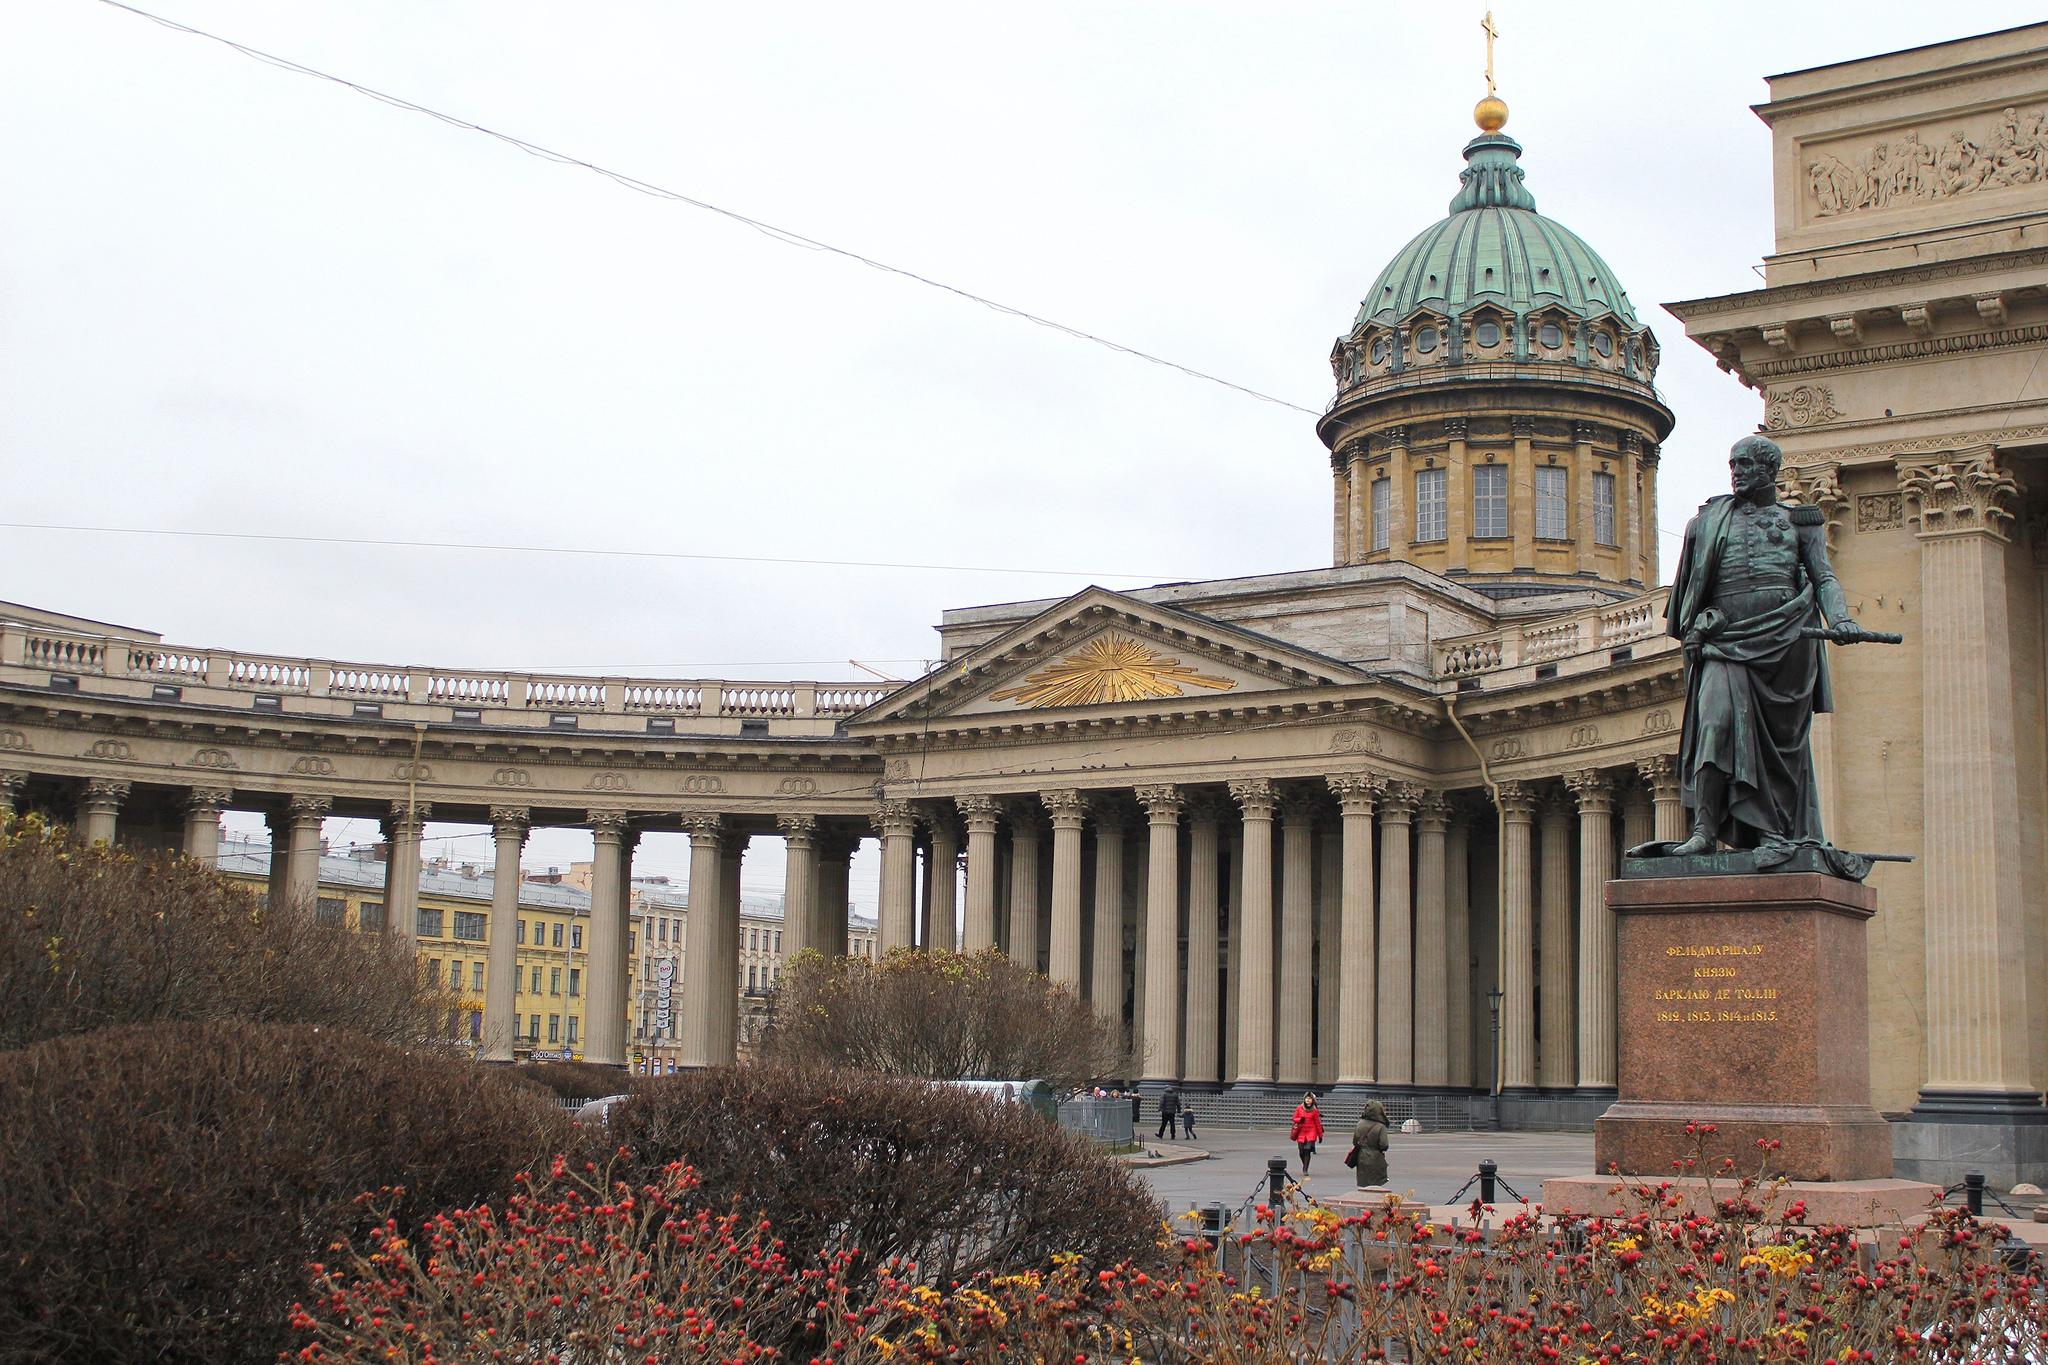 Памятник Барклаю-де-Толли, Казанский собор в Петербурге